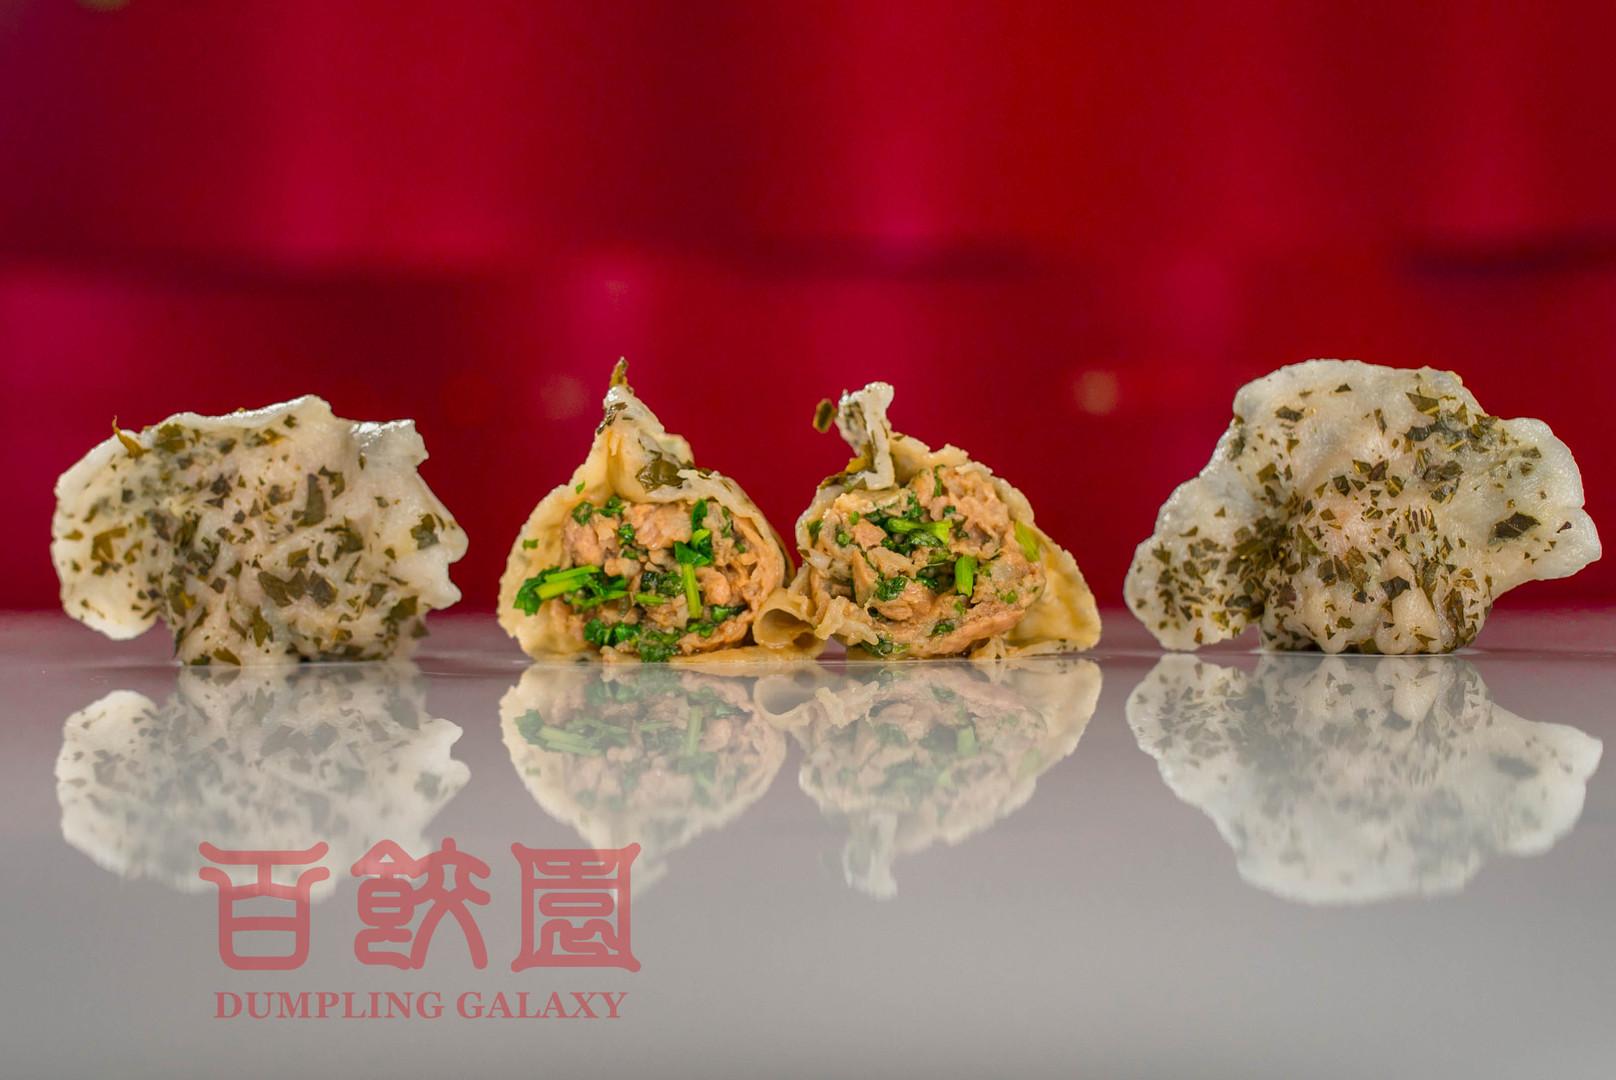 Tea Dumplings